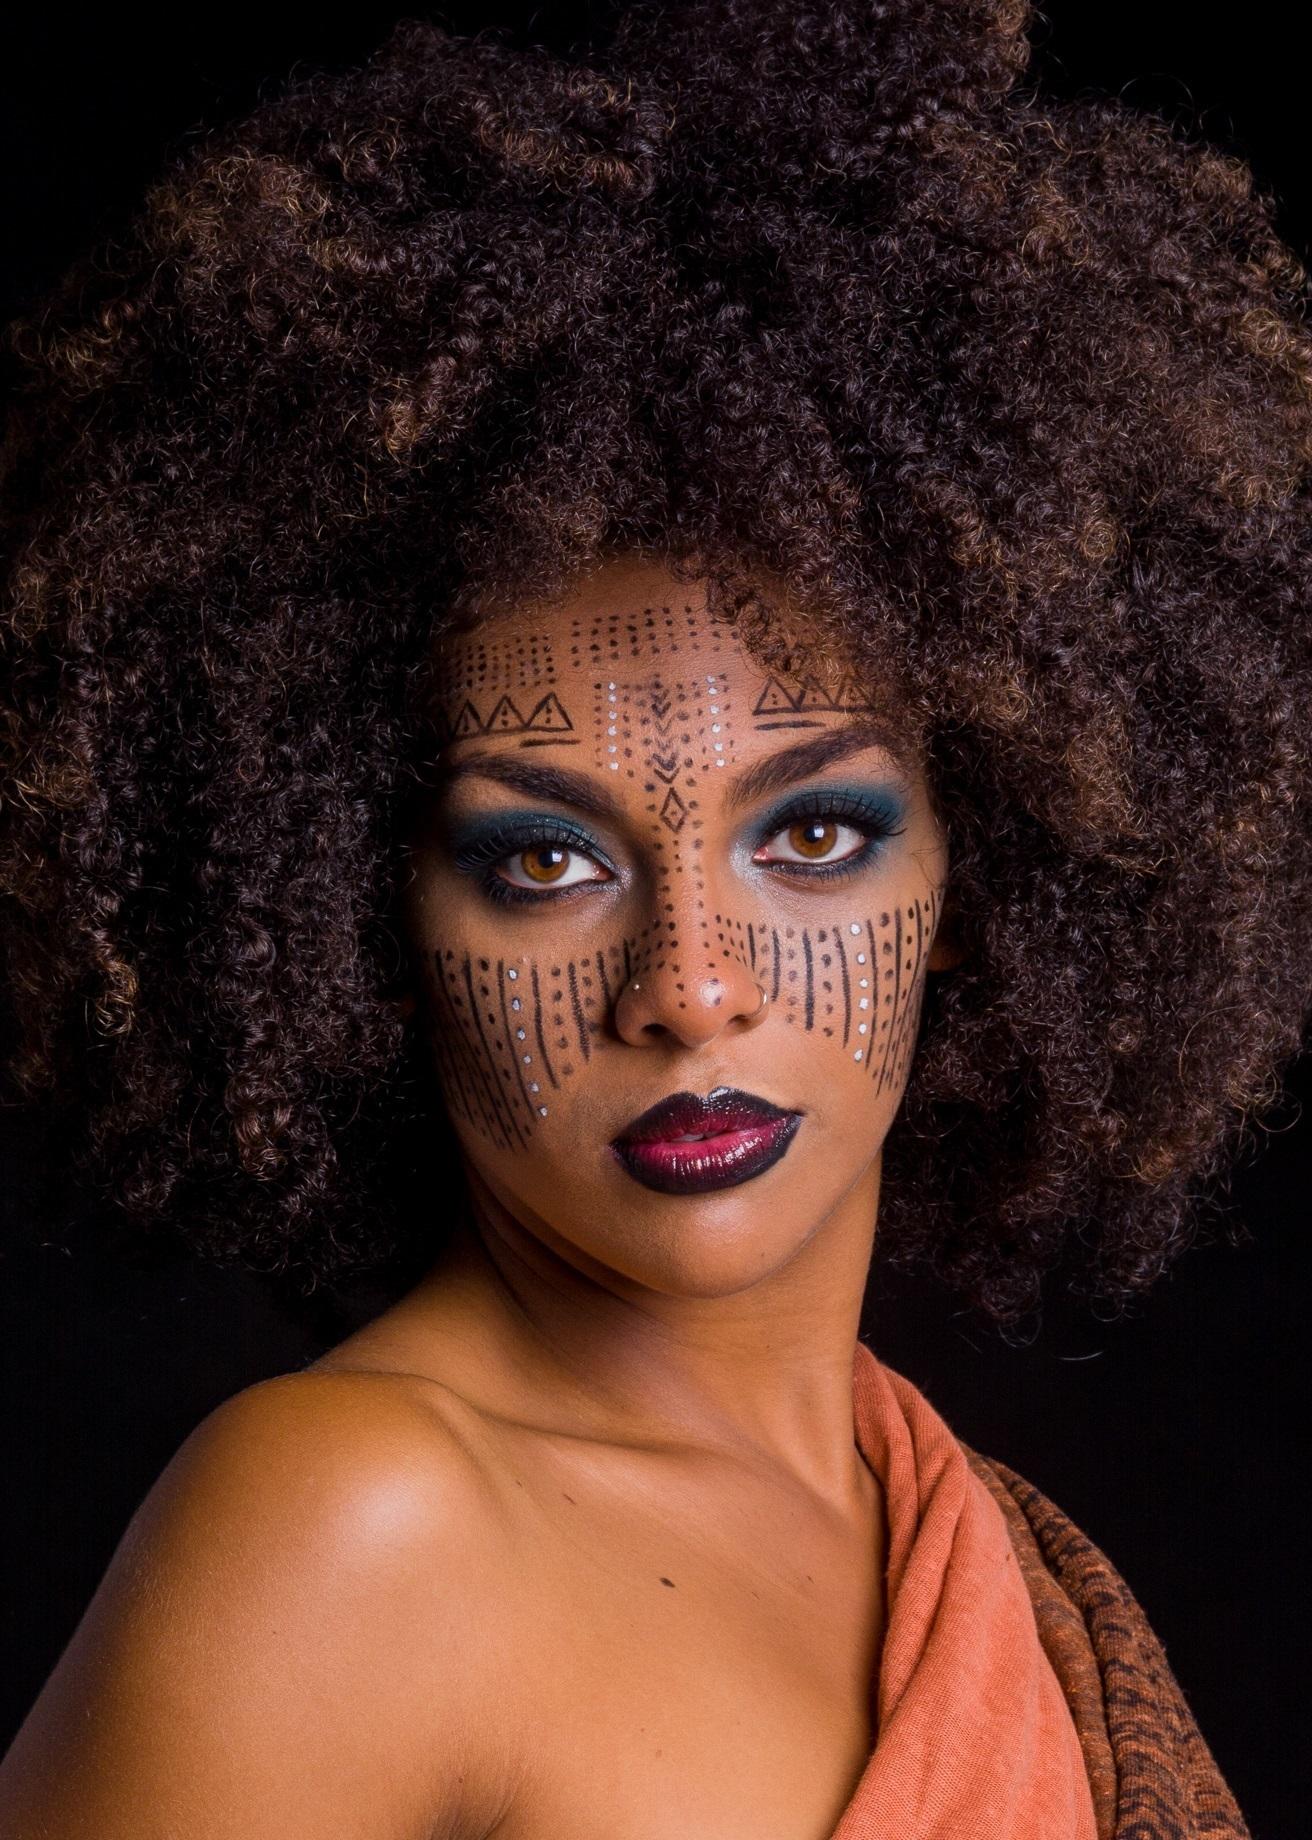 #maquiagem #etnico #africa #mac #kyolan #urbandecay #artistica #conceitual #pelenegra maquiagem  maquiador(a)